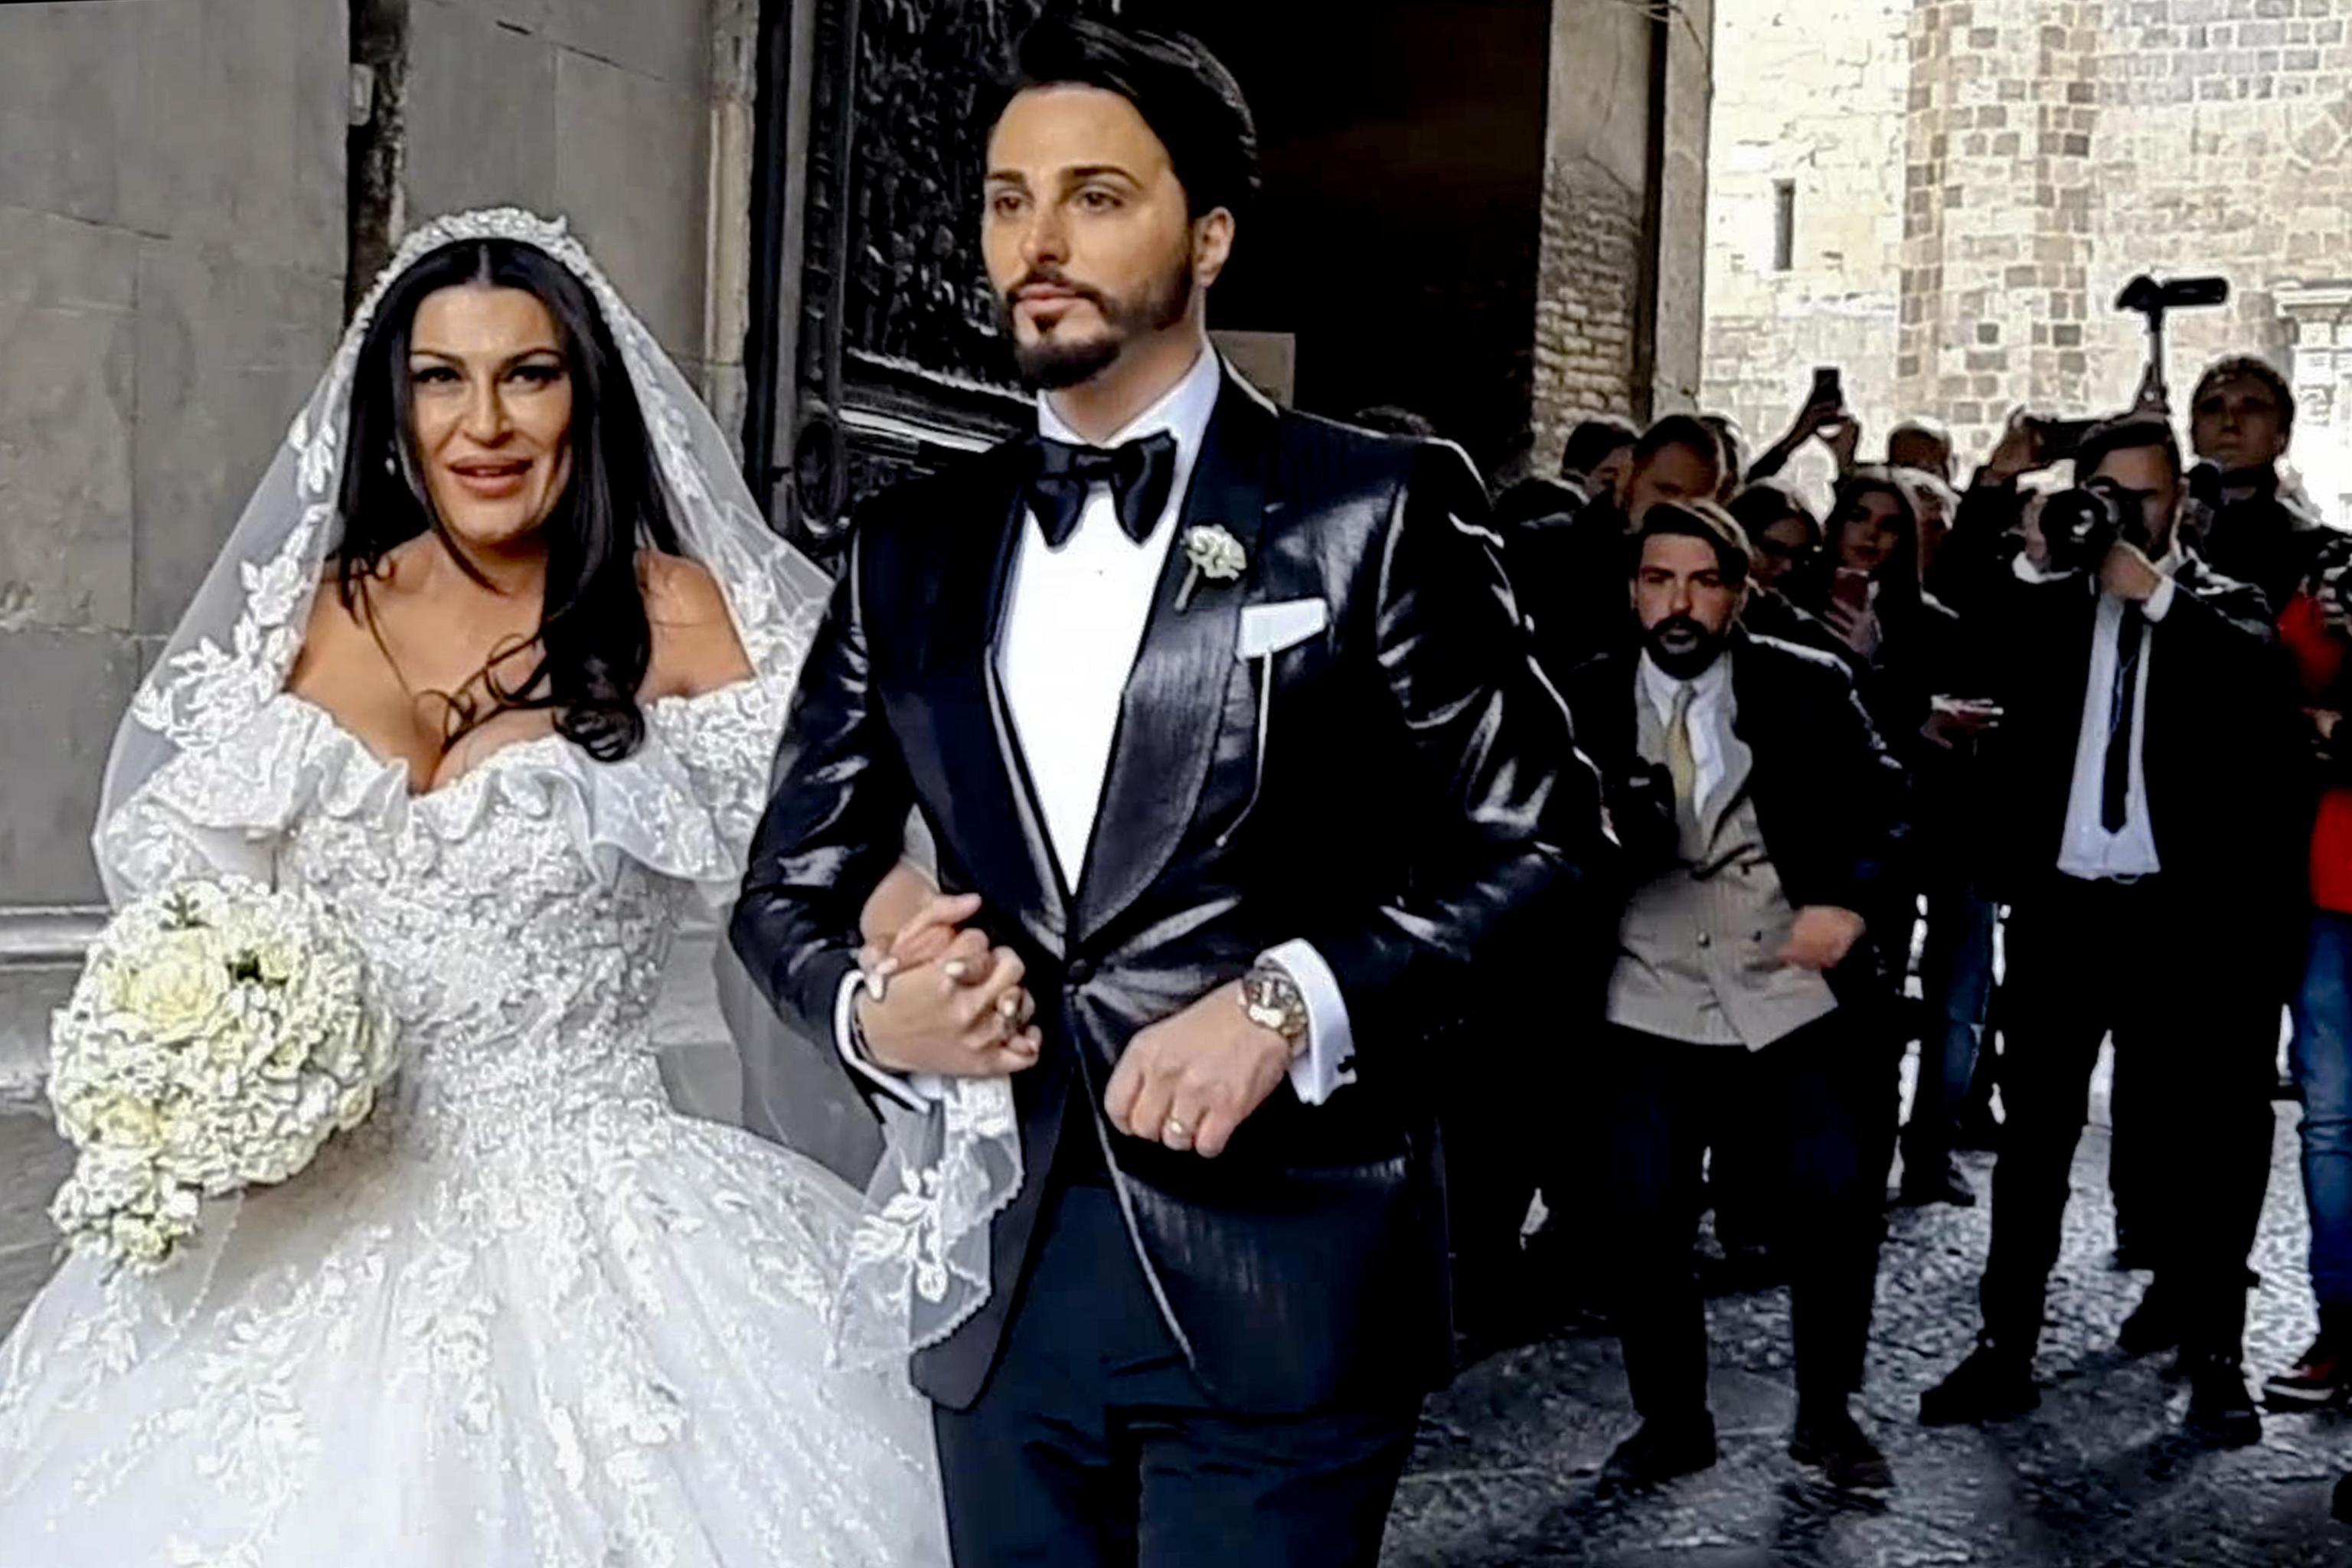 Il matrimonio di Tony Colombo tra multe e polemiche, il sindaco di